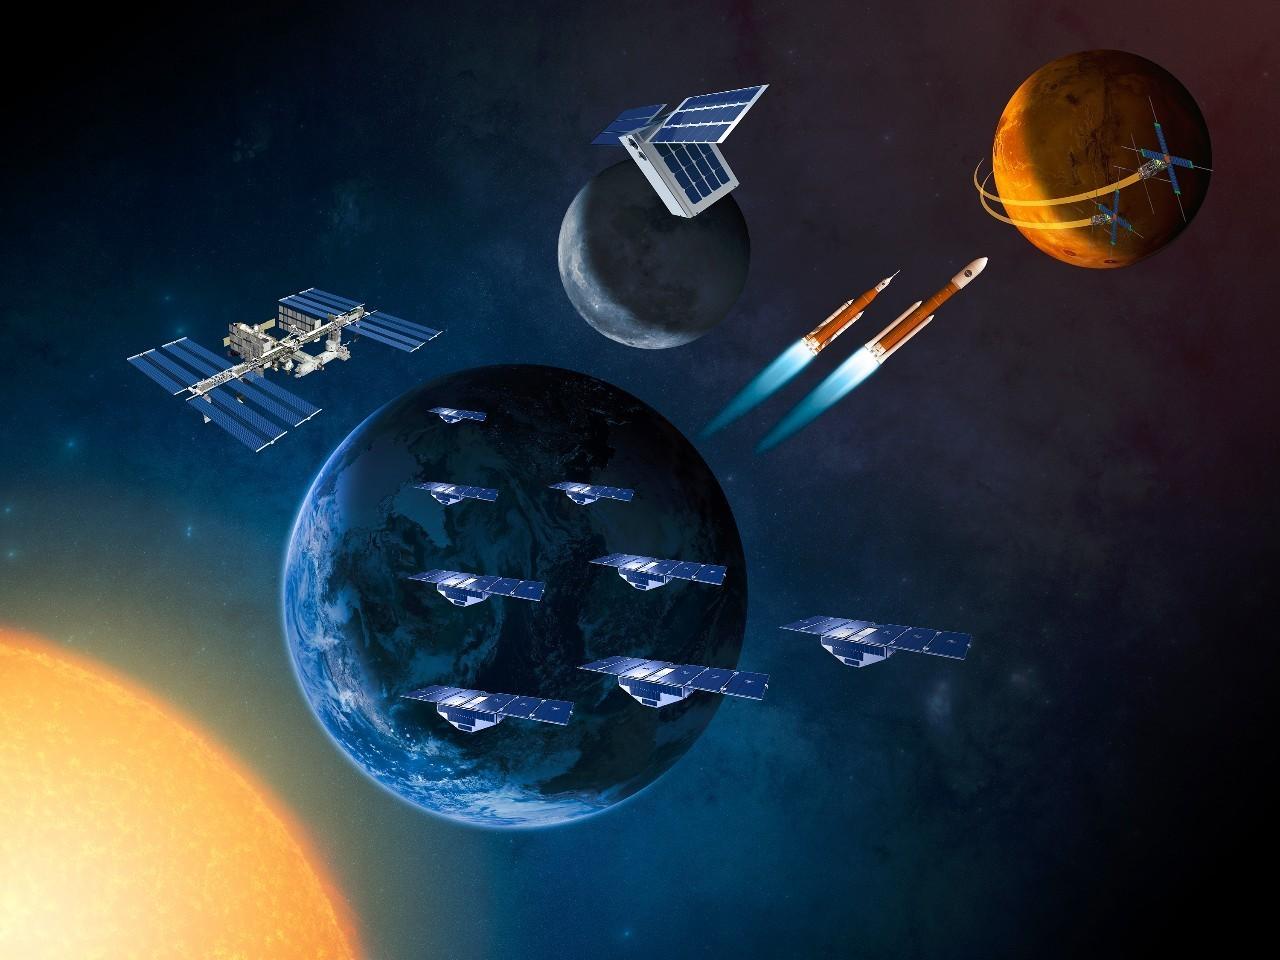 直播预告:NASA将举办关于小卫星的电话会议